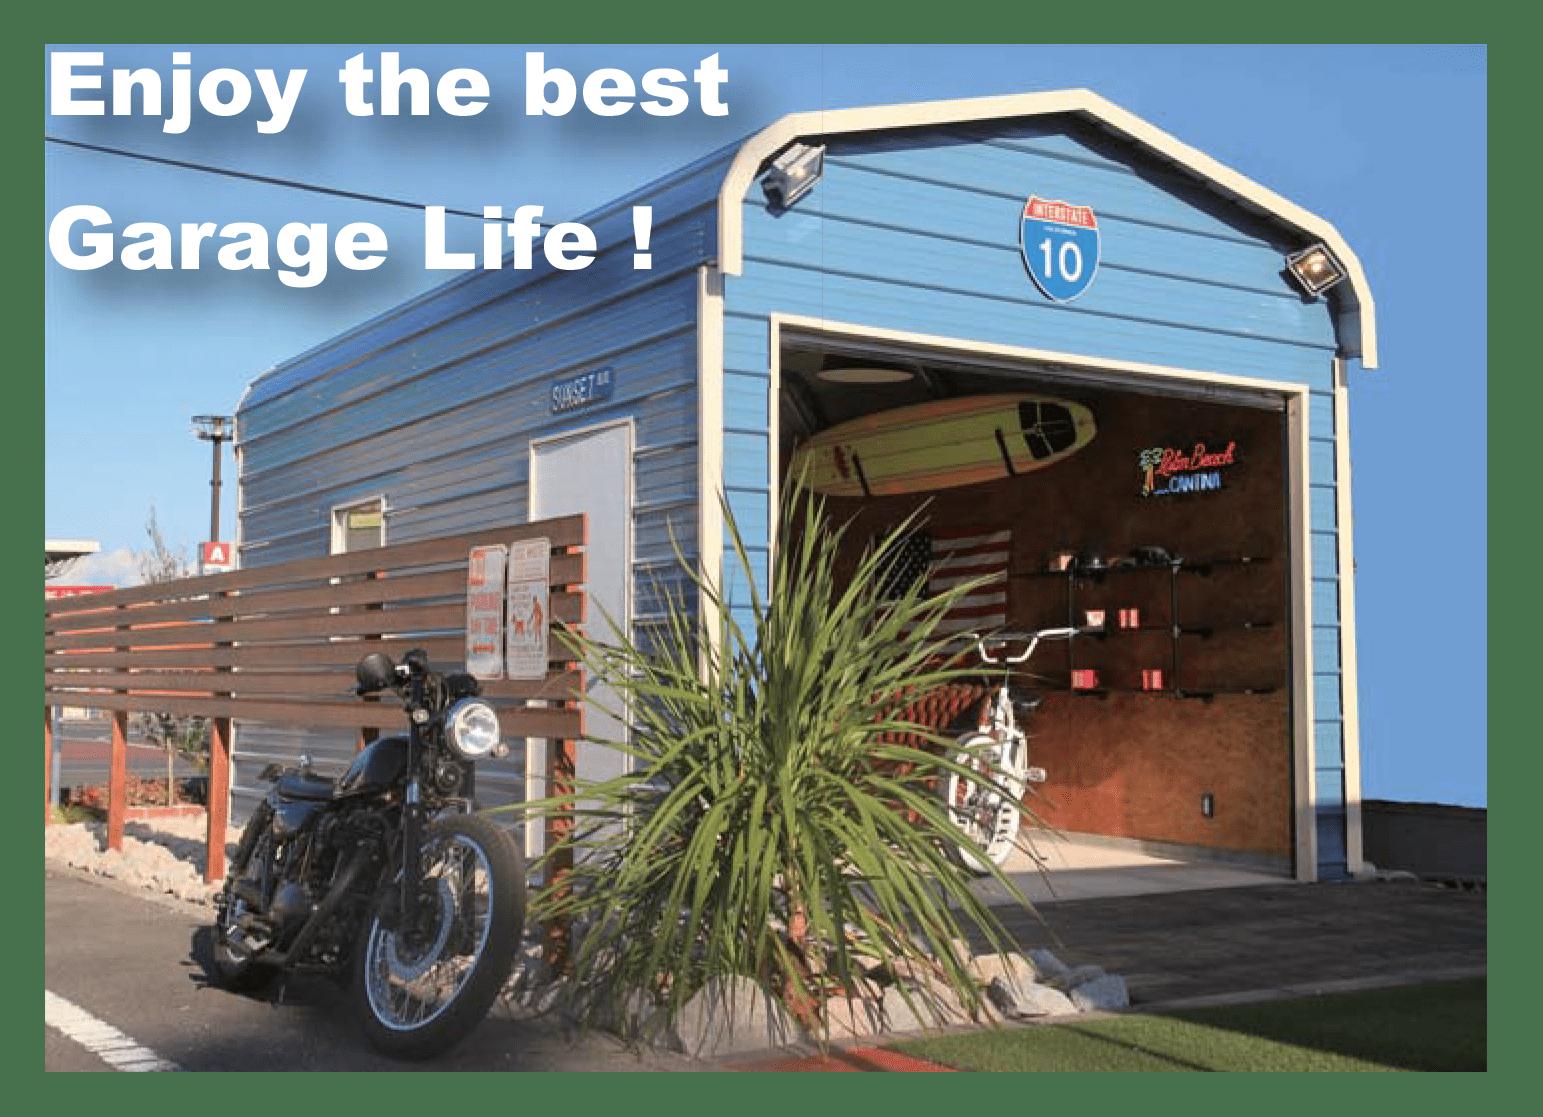 enjoy the best garage life